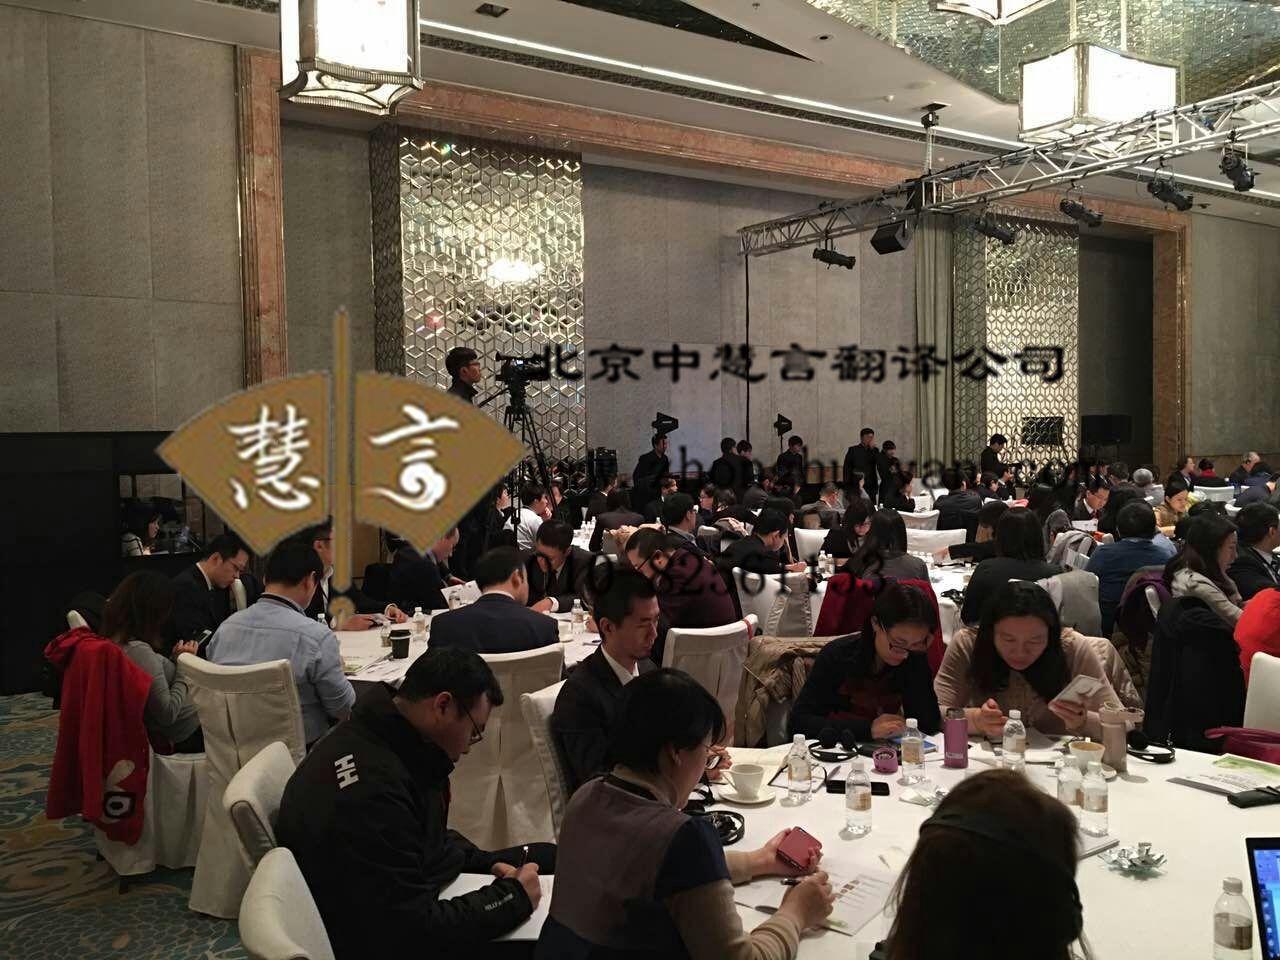 中慧言为2017年11月28日彭博未来能源亚太峰会全程同传翻译服务